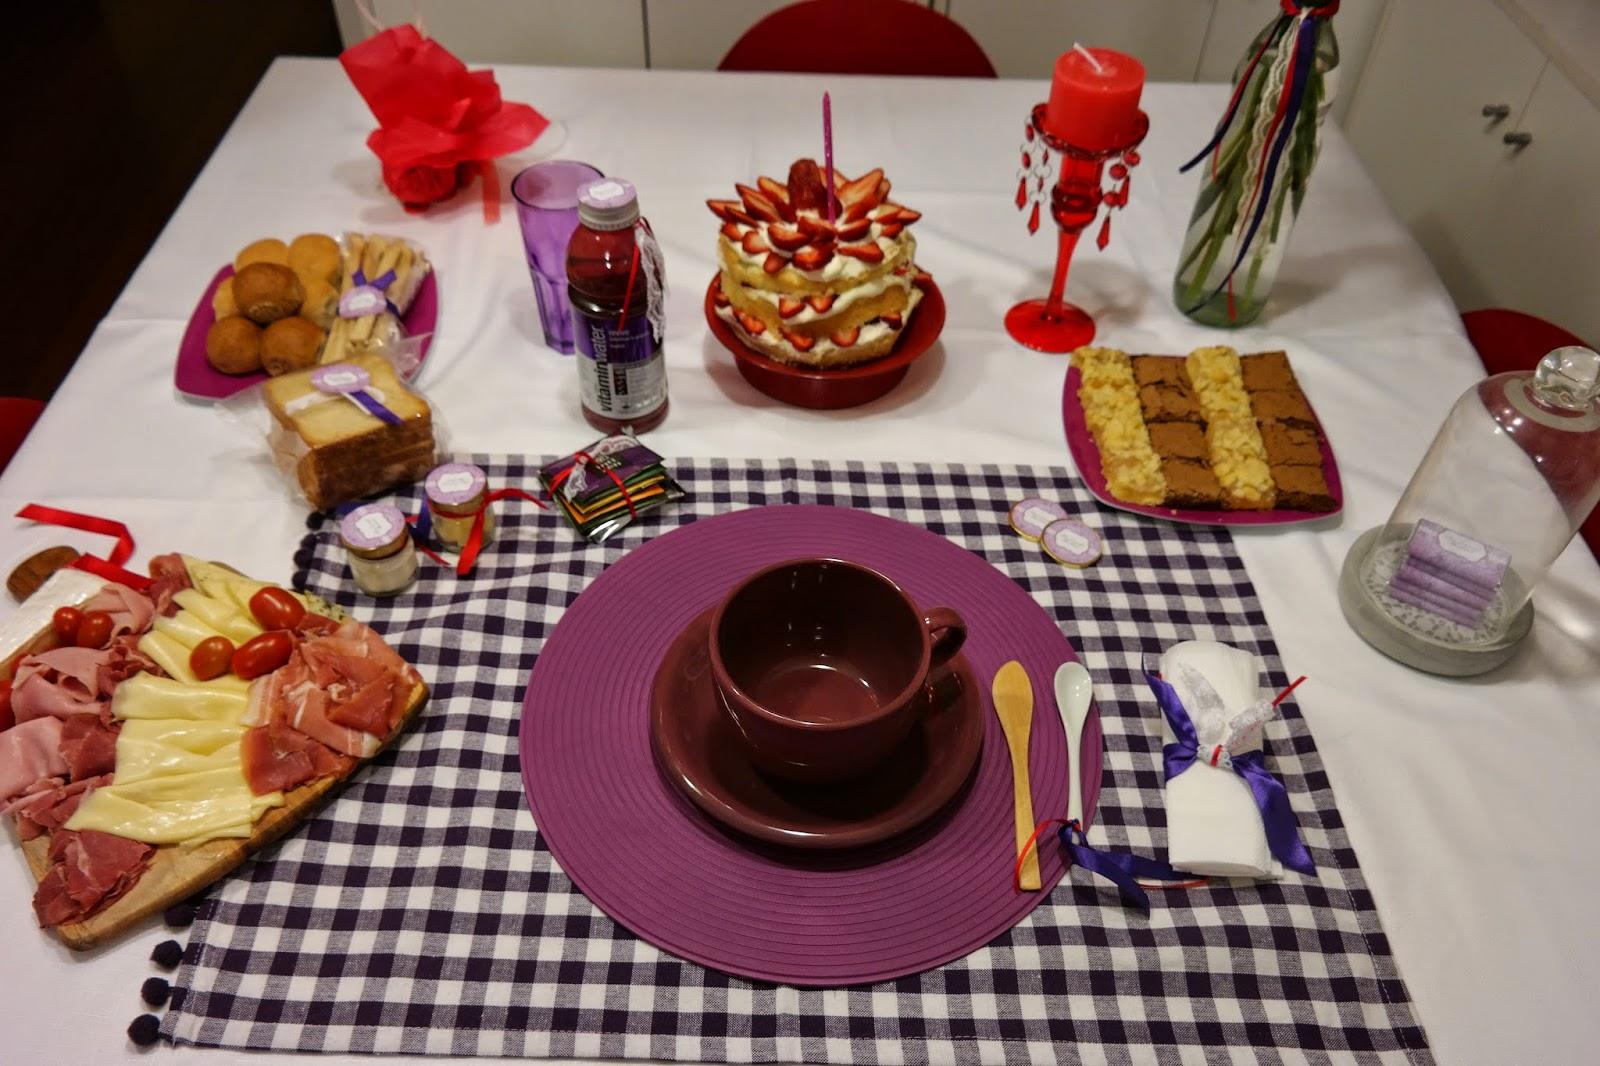 Cumples tematicos mesa desayuno de bienvenida for Mesa desayuno